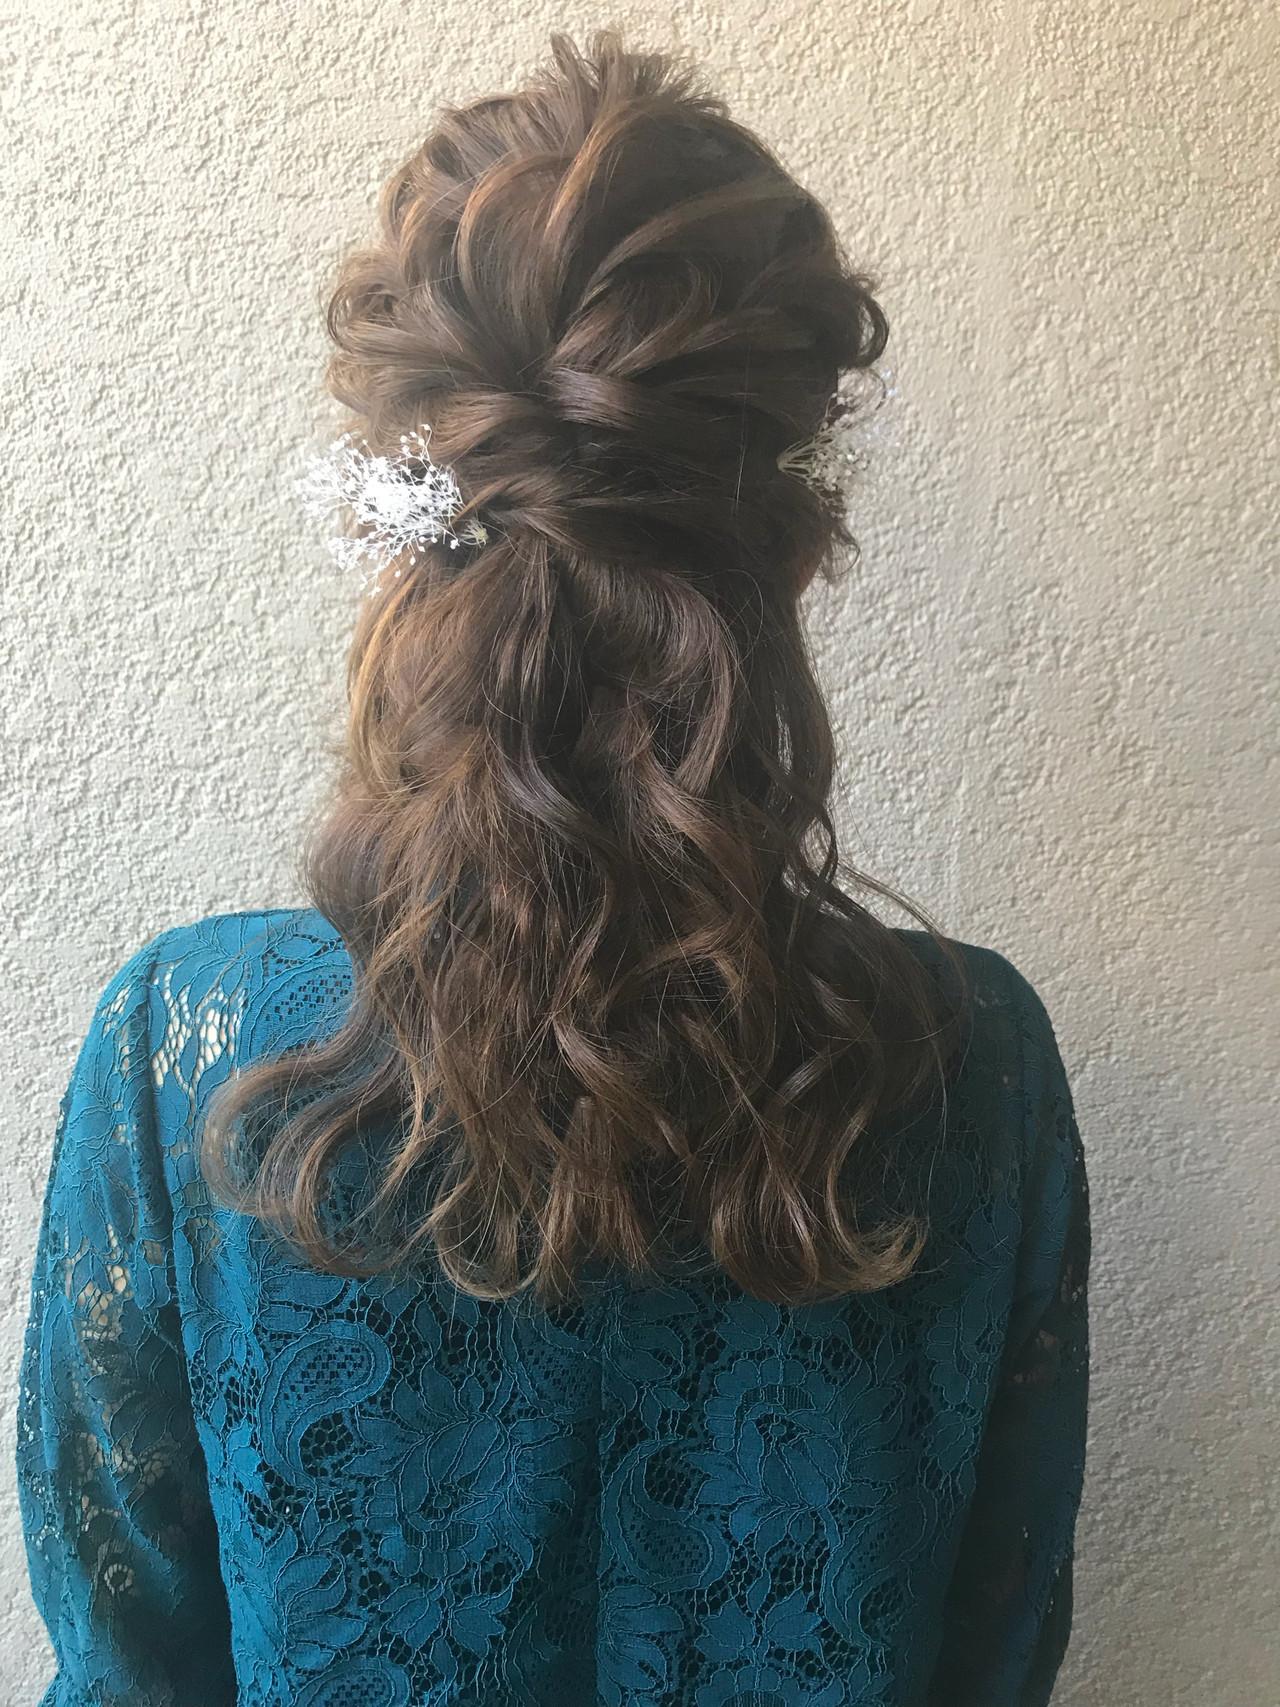 デート ヘアアレンジ アンニュイほつれヘア ガーリー ヘアスタイルや髪型の写真・画像